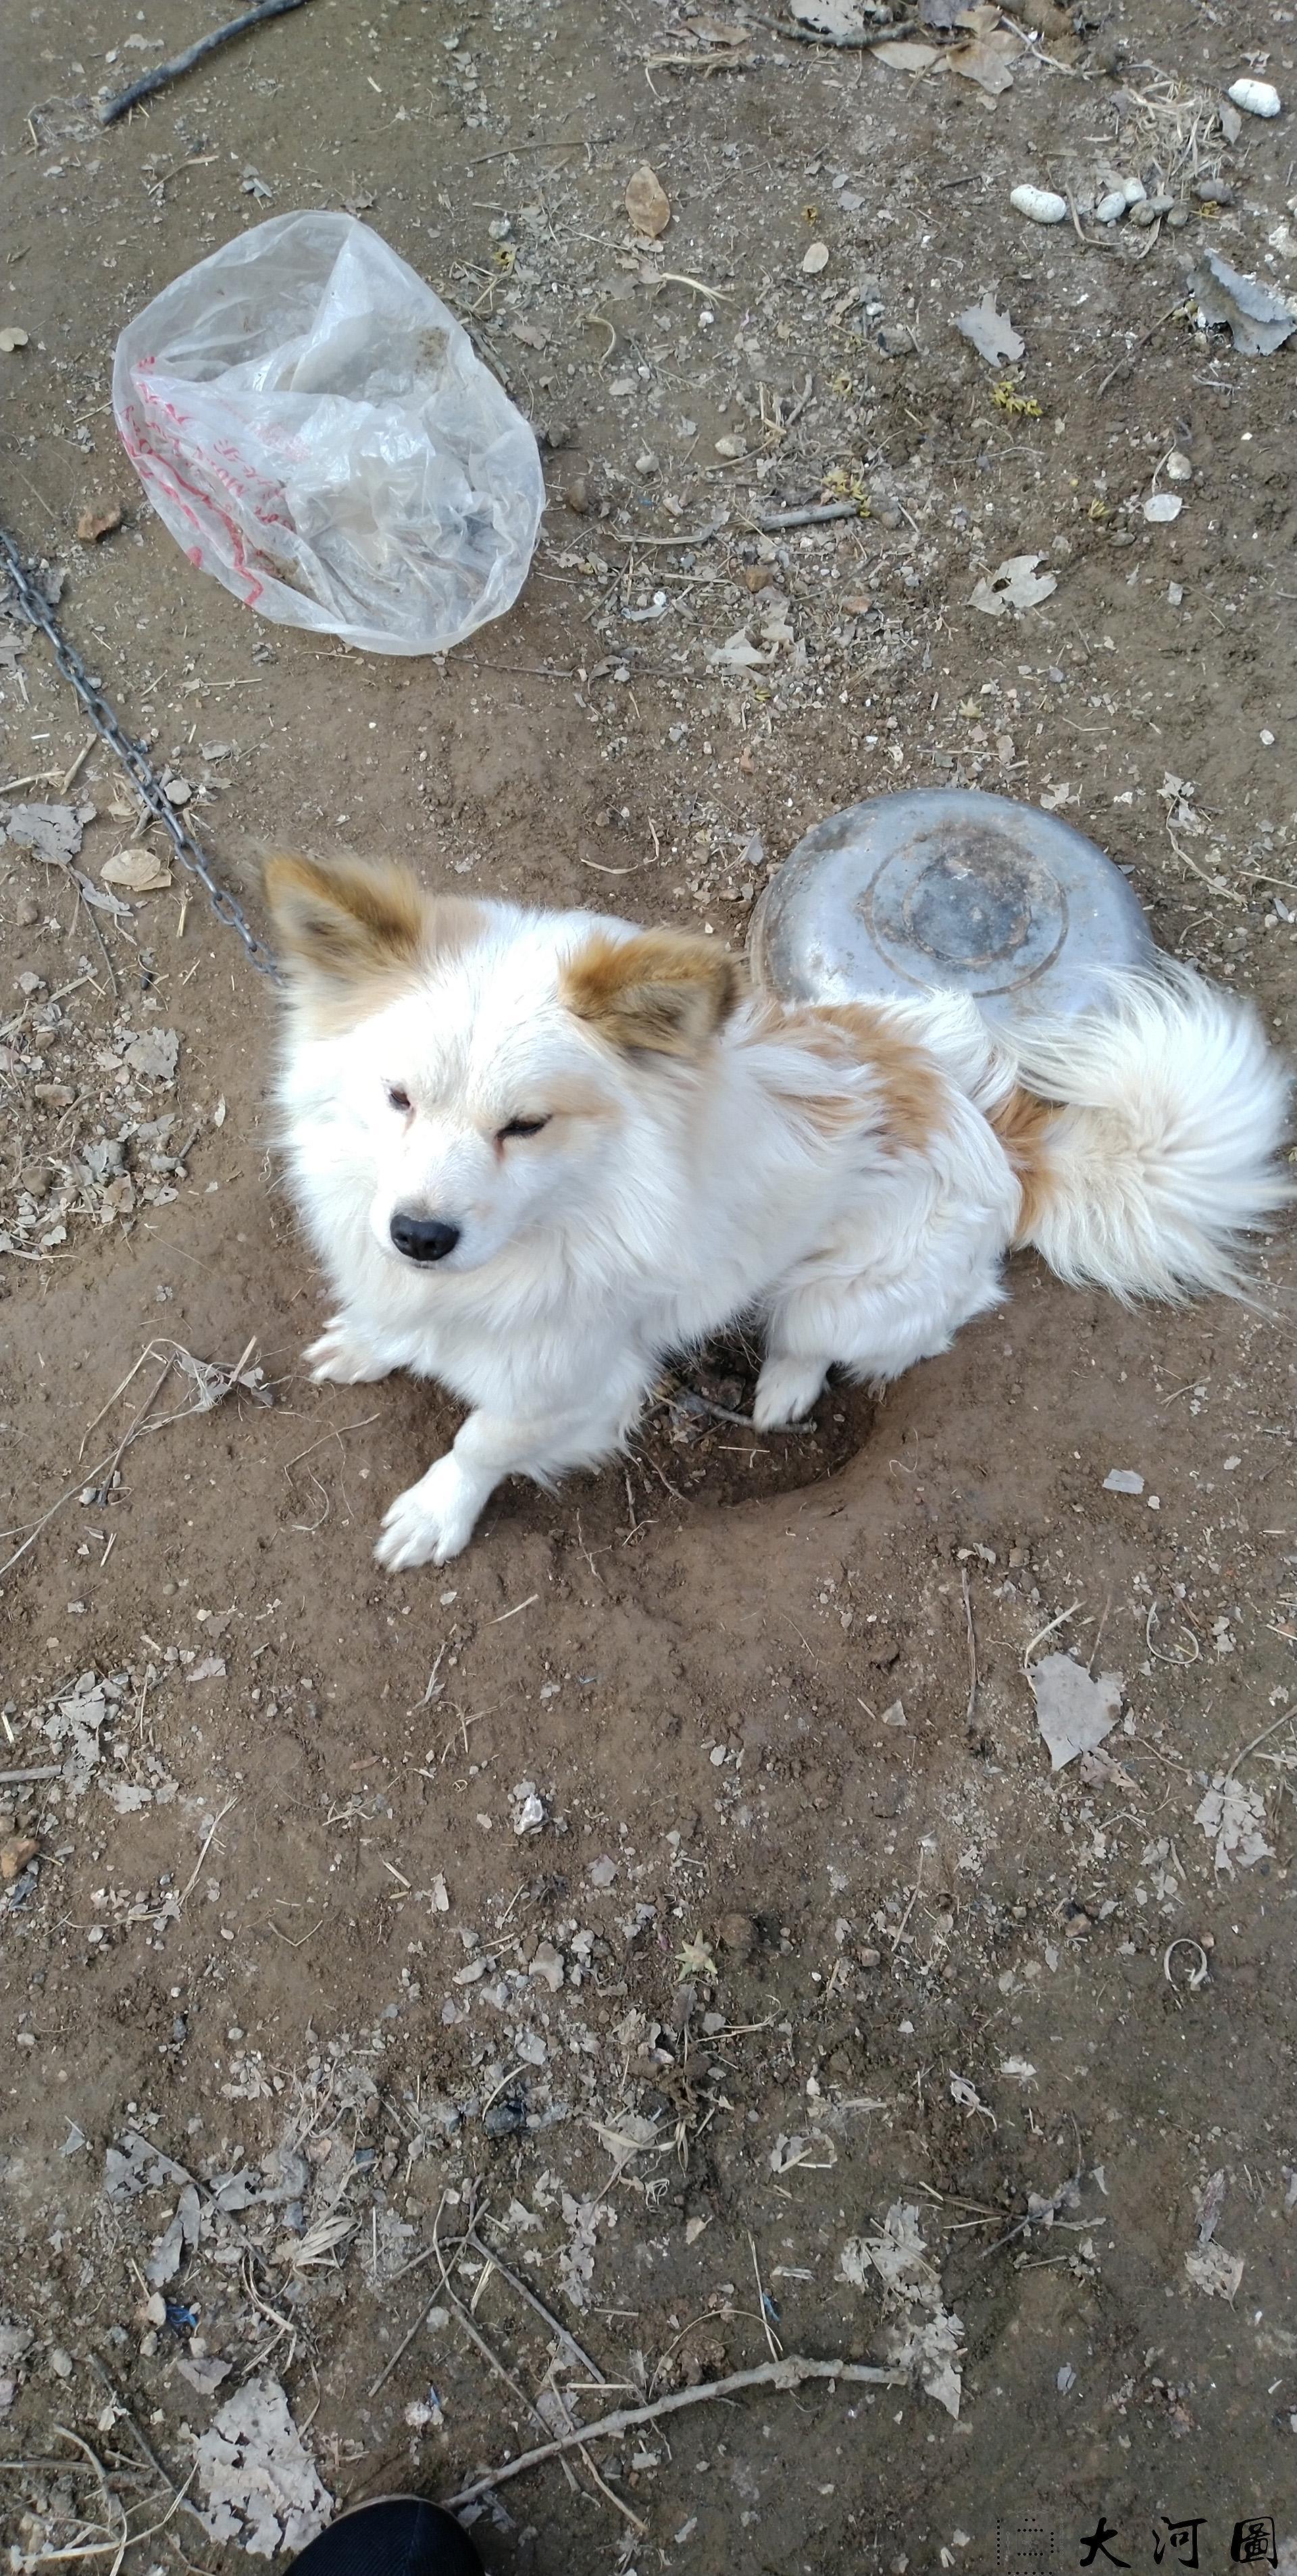 魏公的石臼和石磨盘守候它的仅一只狗